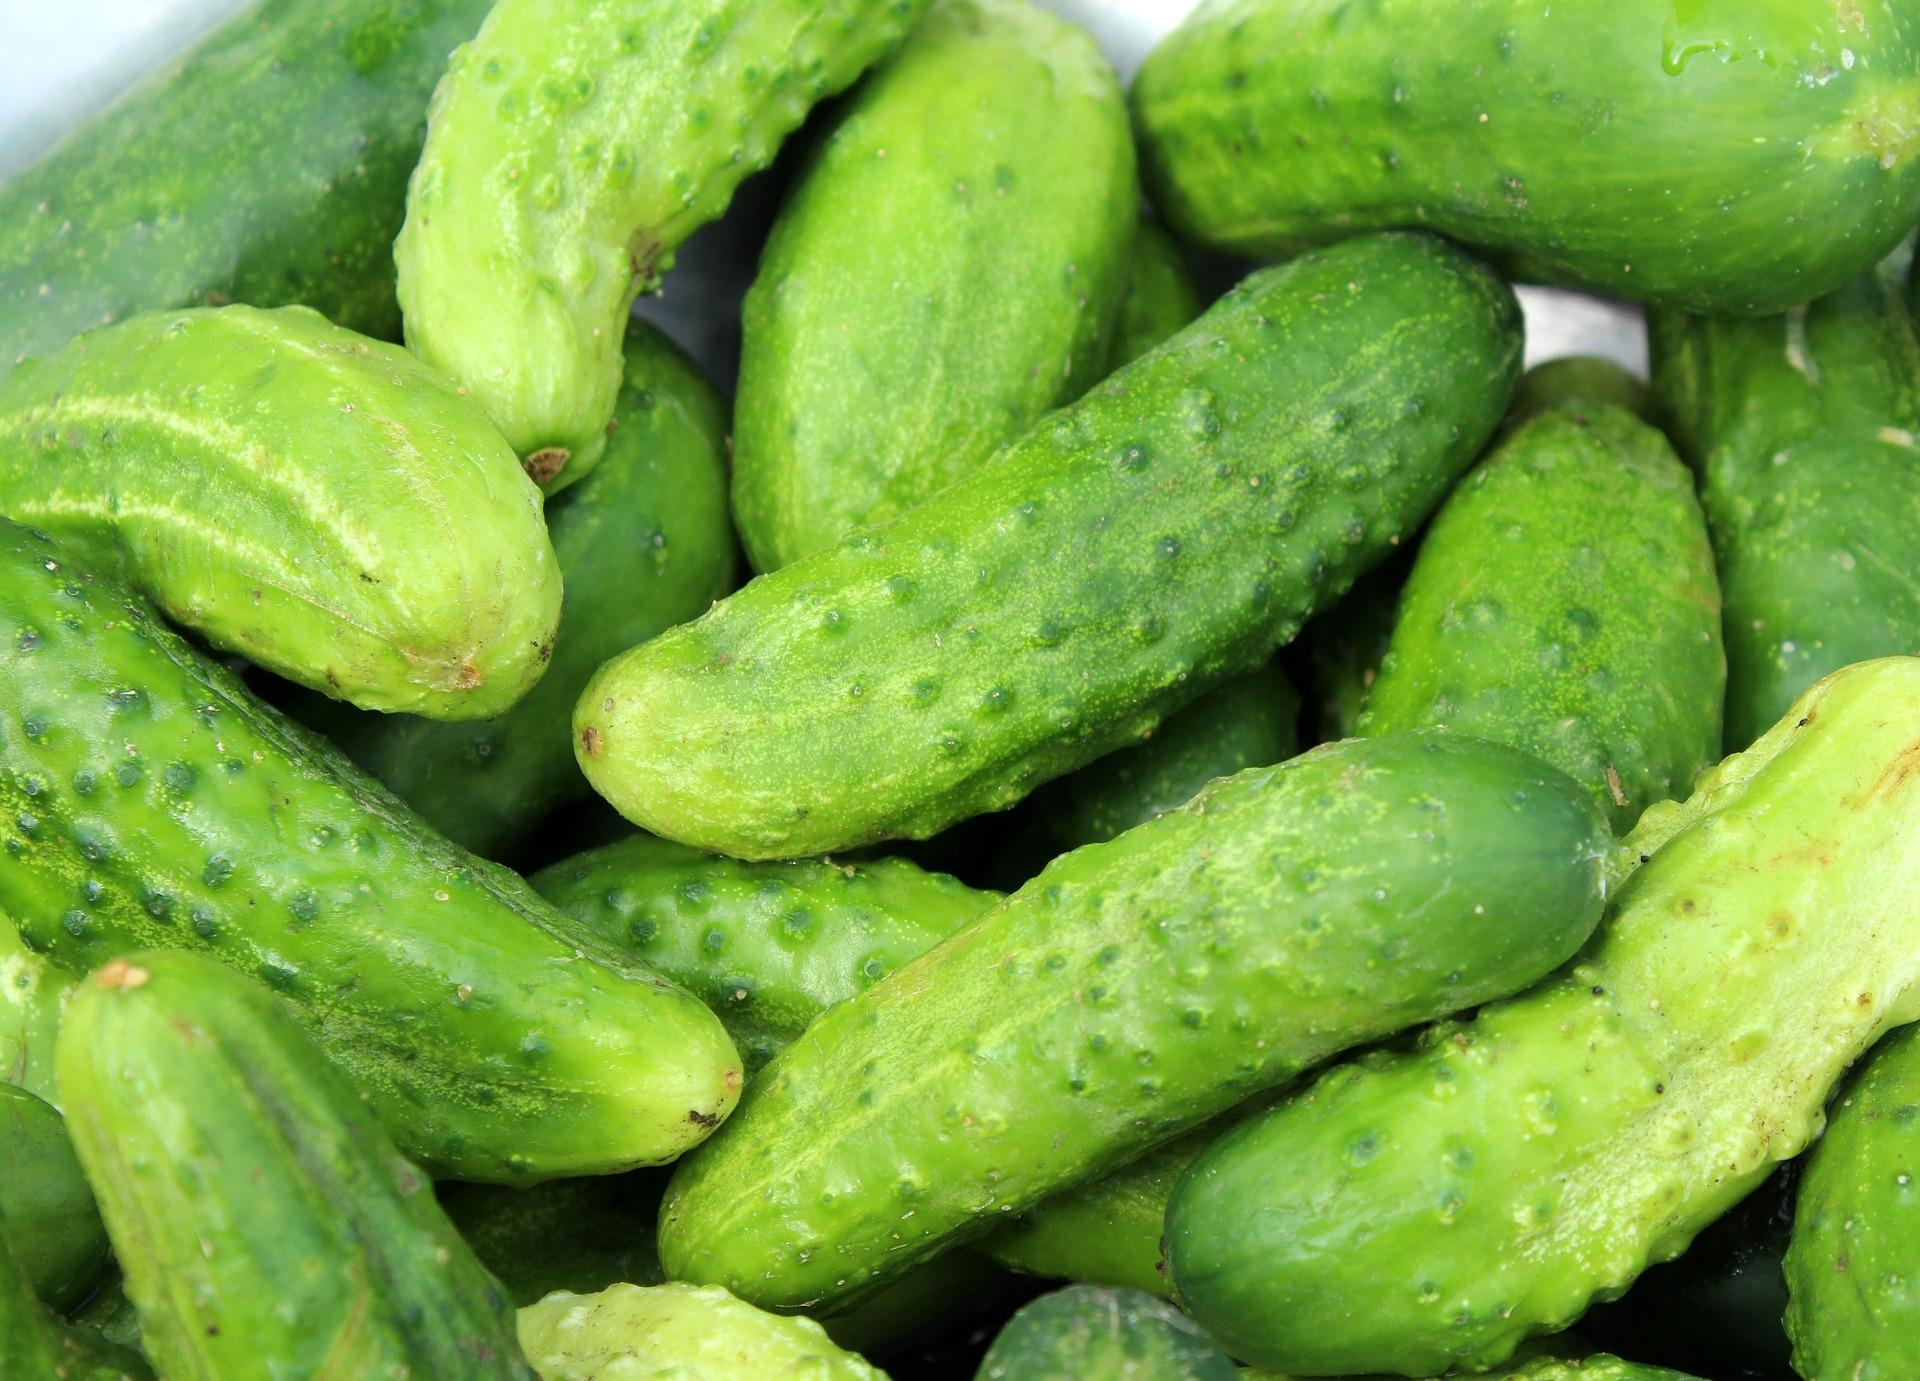 cucumbers-3534185_1920.jpg